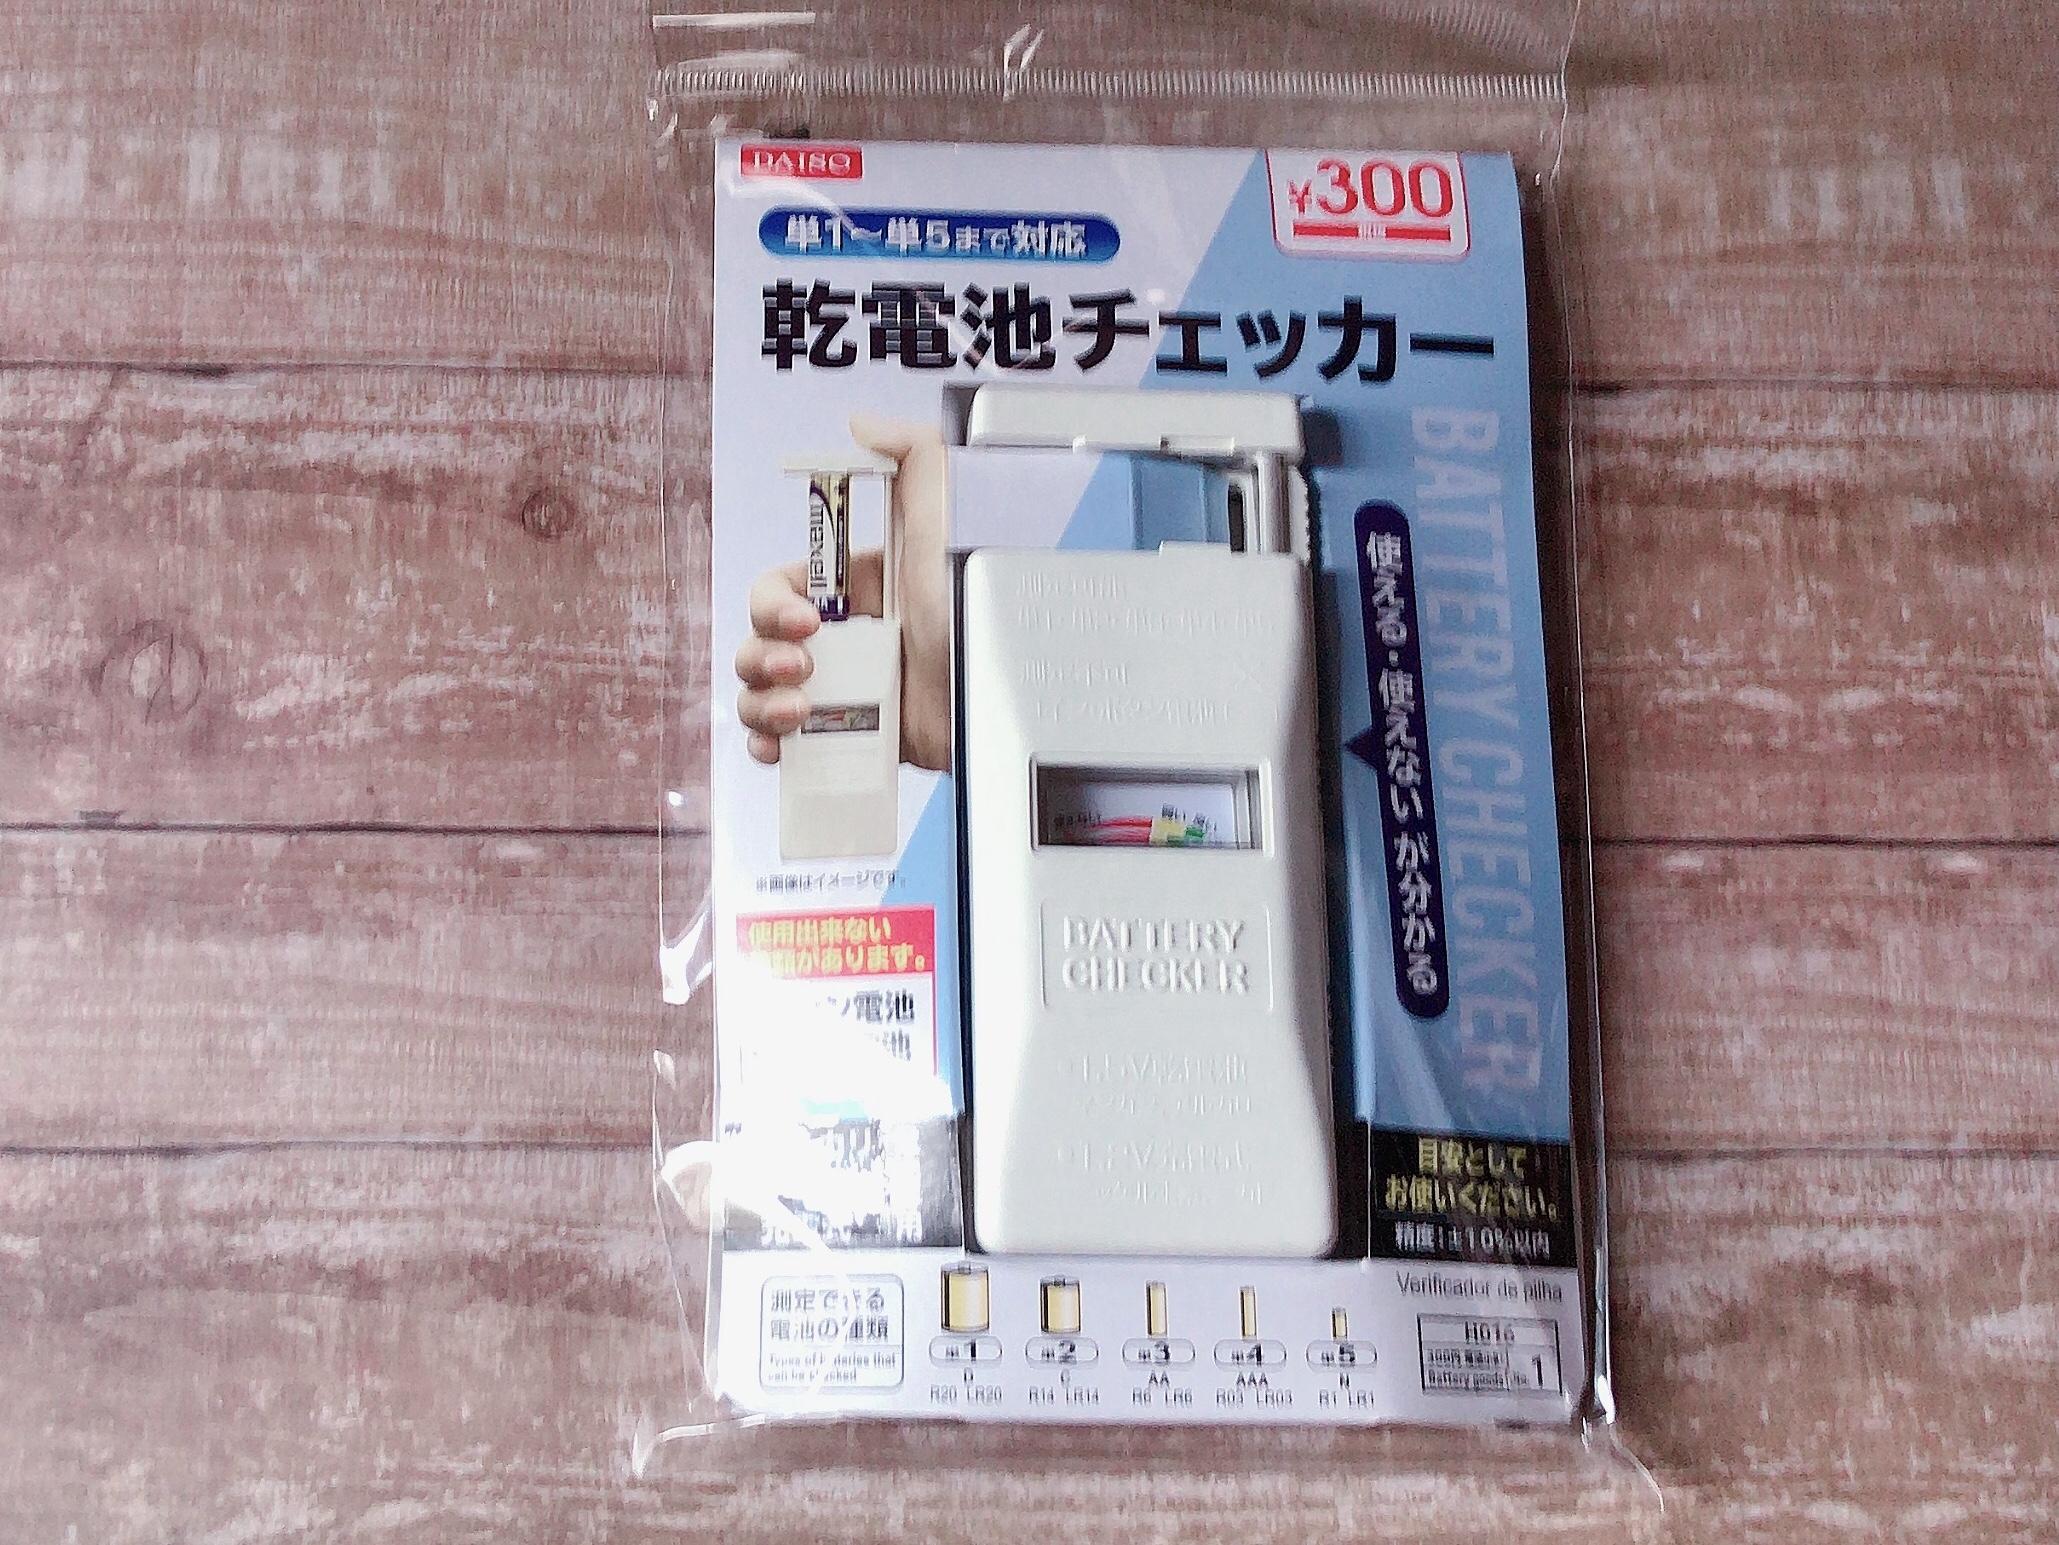 ダイソーの乾電池チェッカー